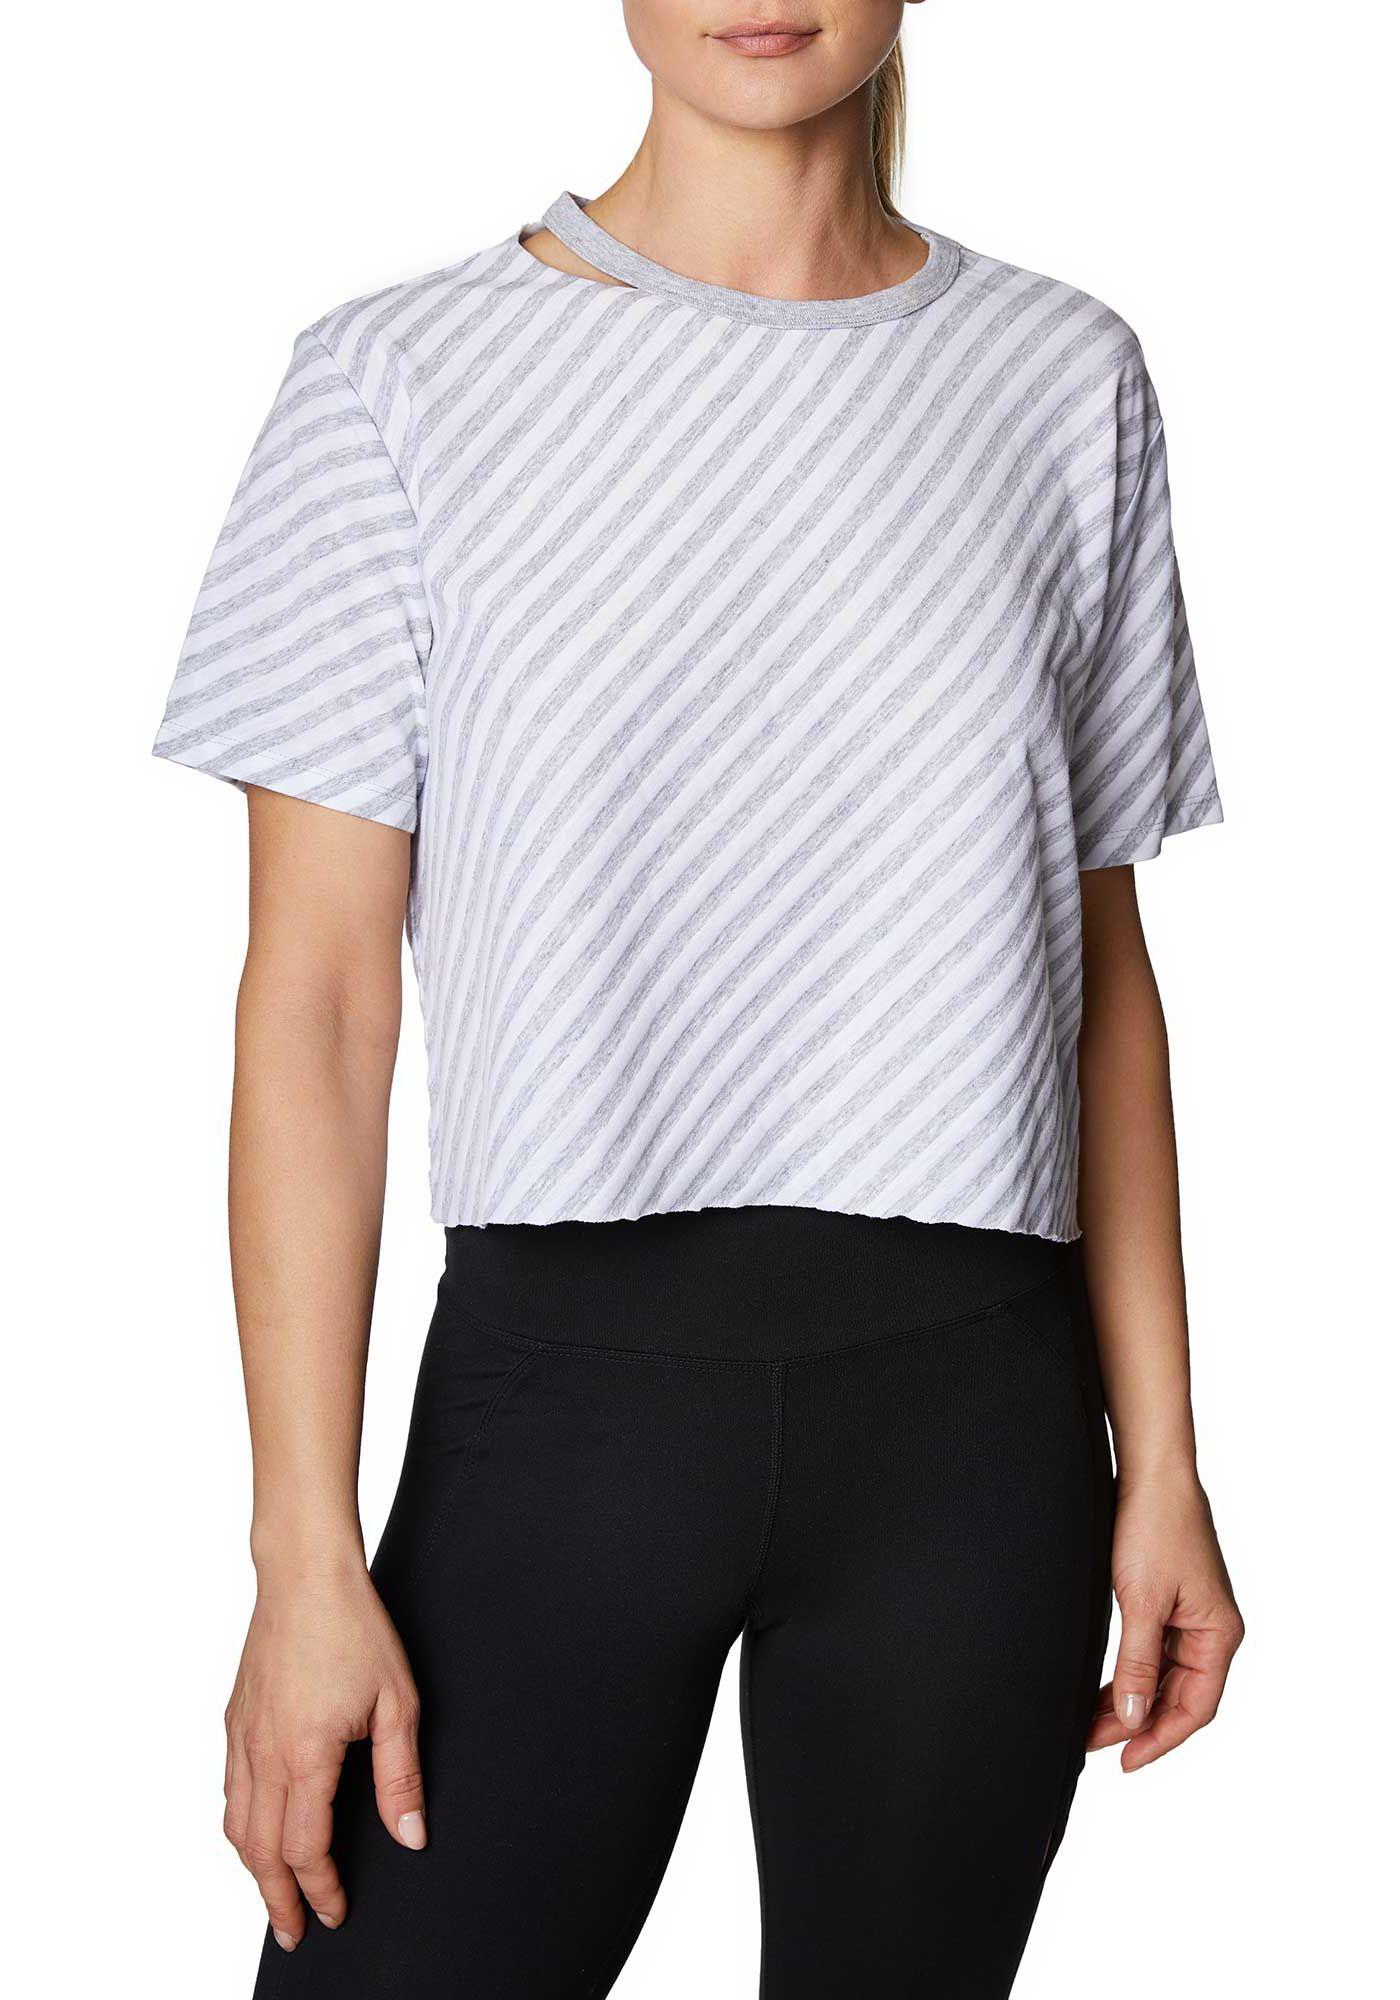 Betsey Johnson Women's Striped Crop T-Shirt